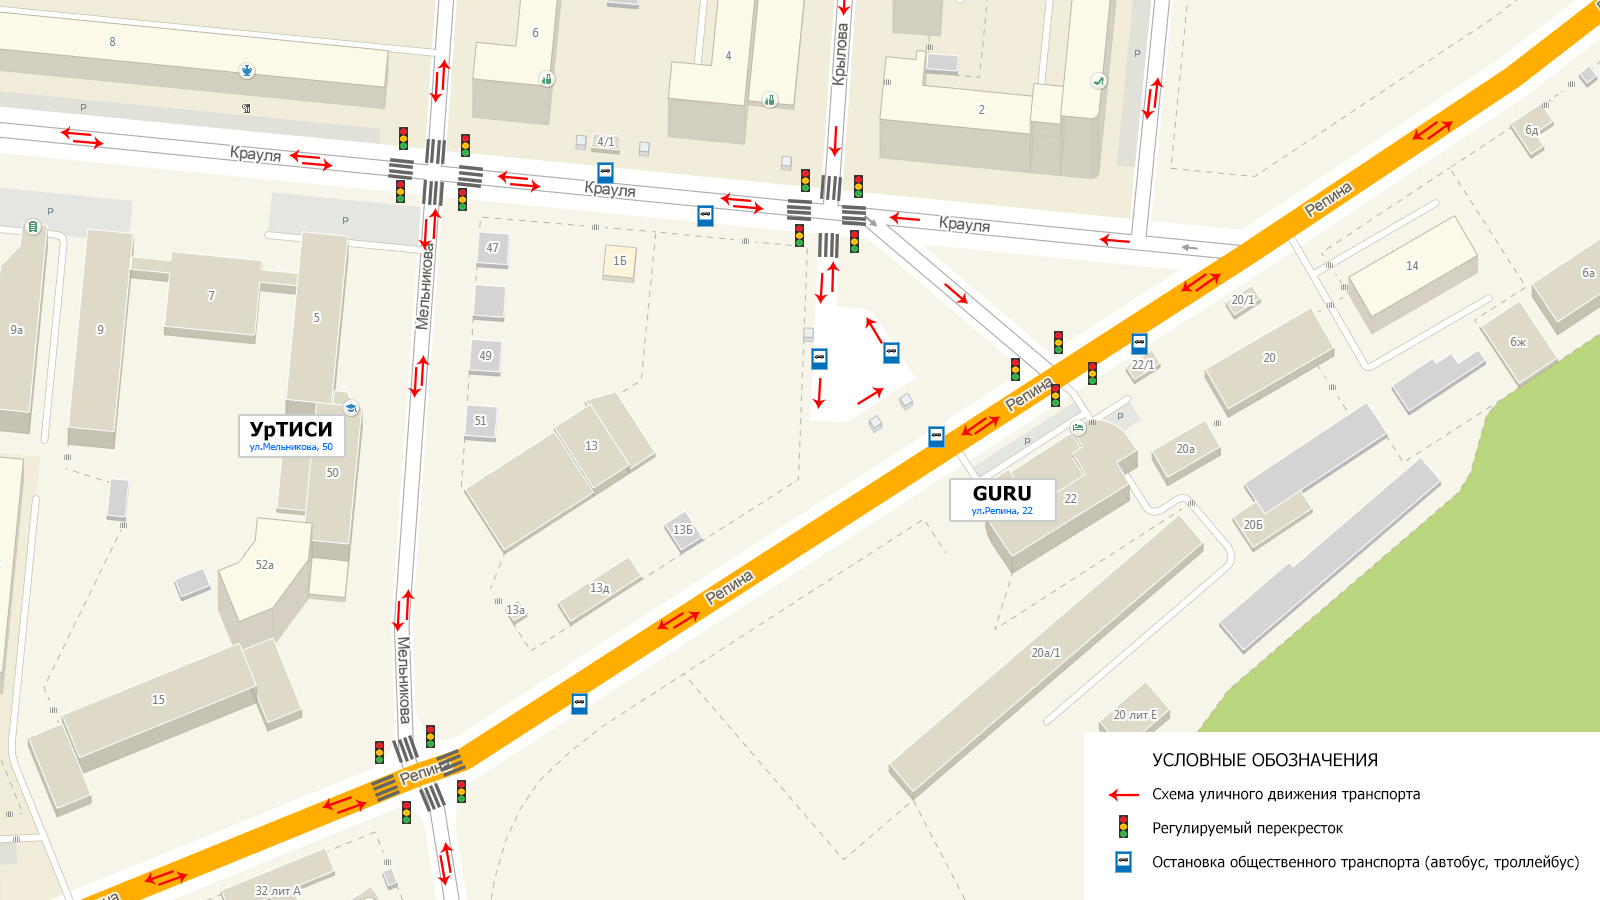 Схема движения автомобиля по санкт-петербургу5